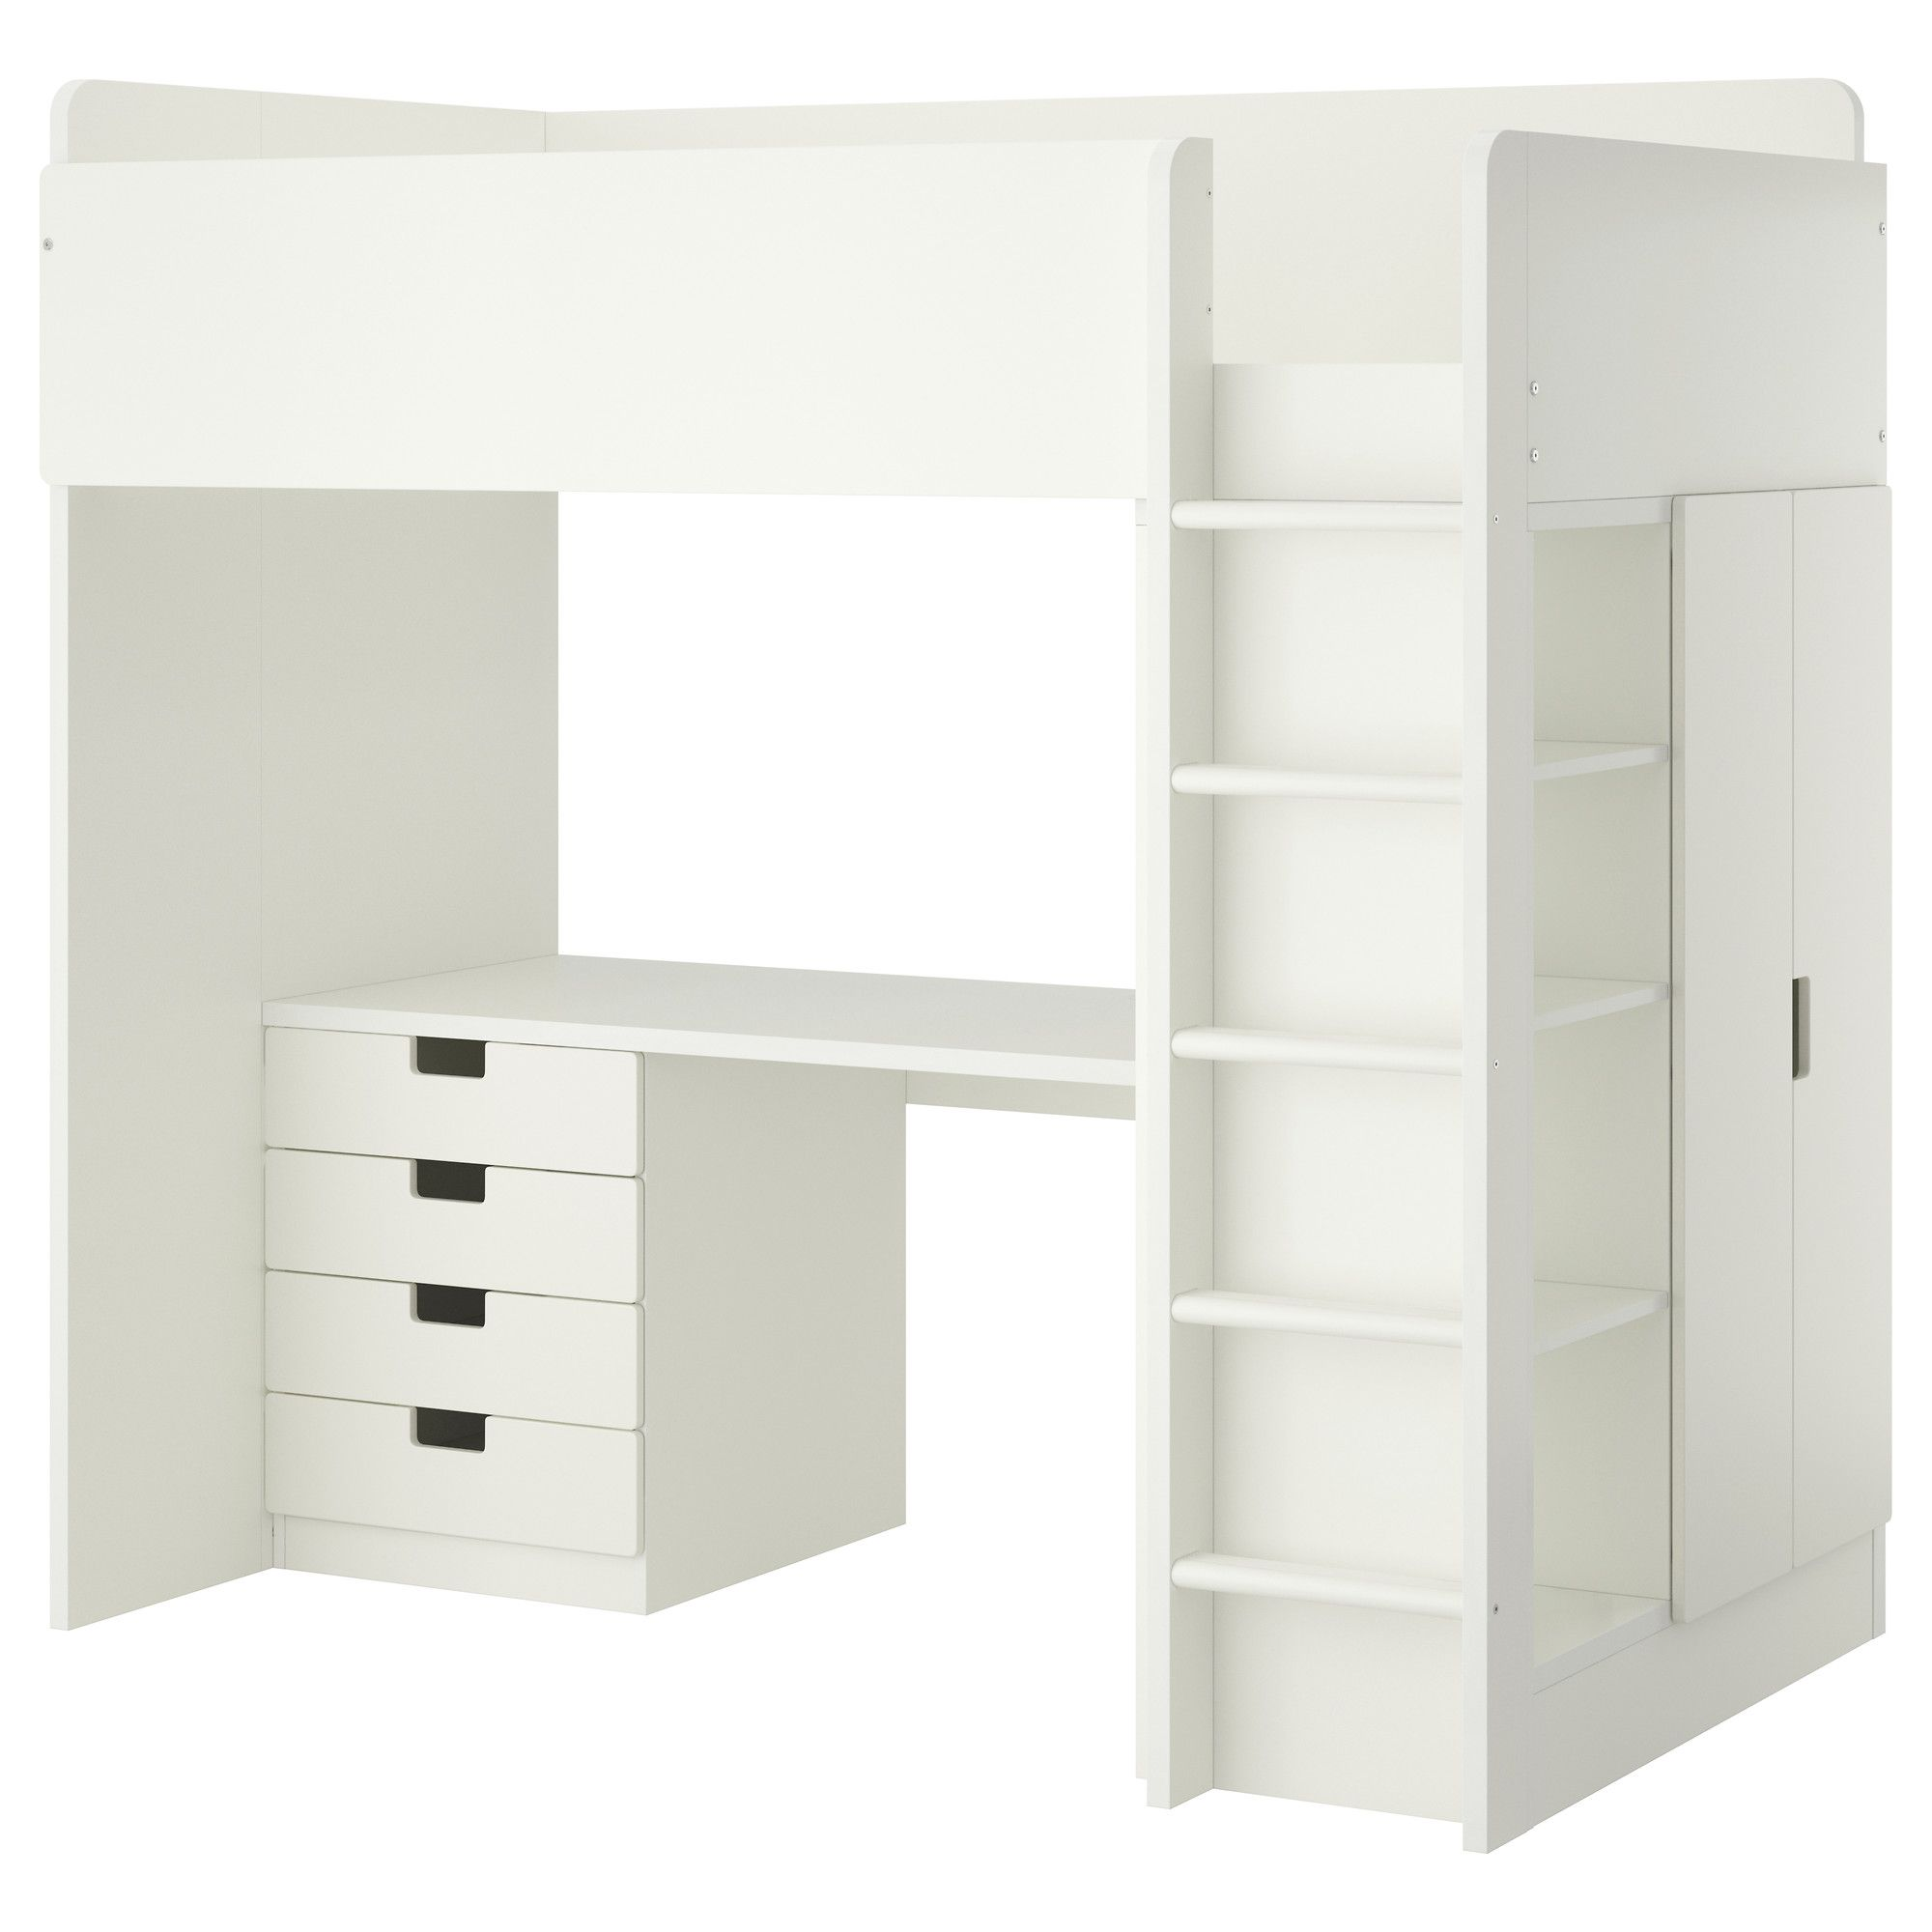 Letto A Castello Ikea Bianco.Mobili E Accessori Per L Arredamento Della Casa Letto Ikea